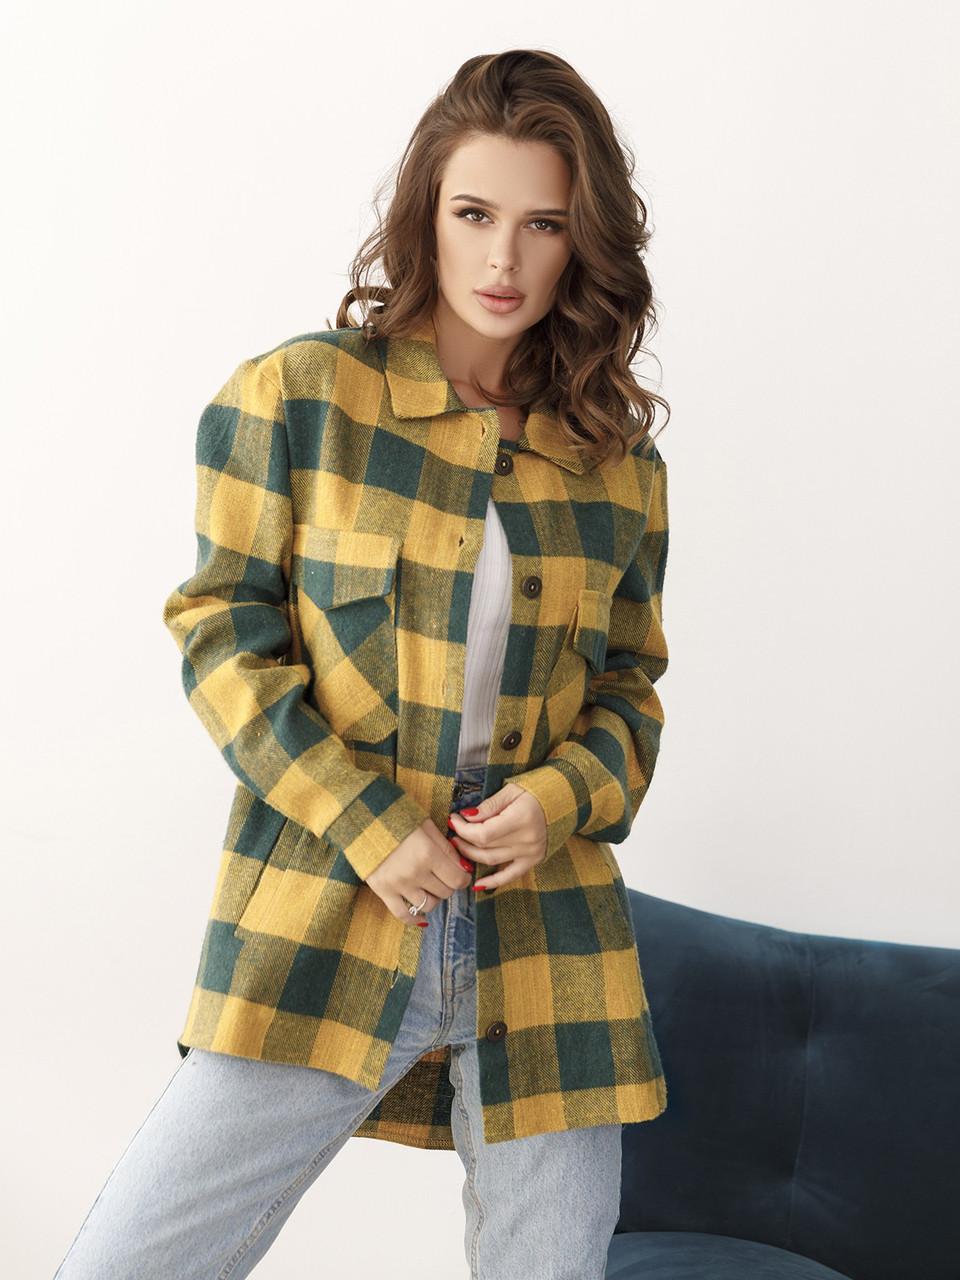 Женская рубашка пальто в клетку видеообзор в описании